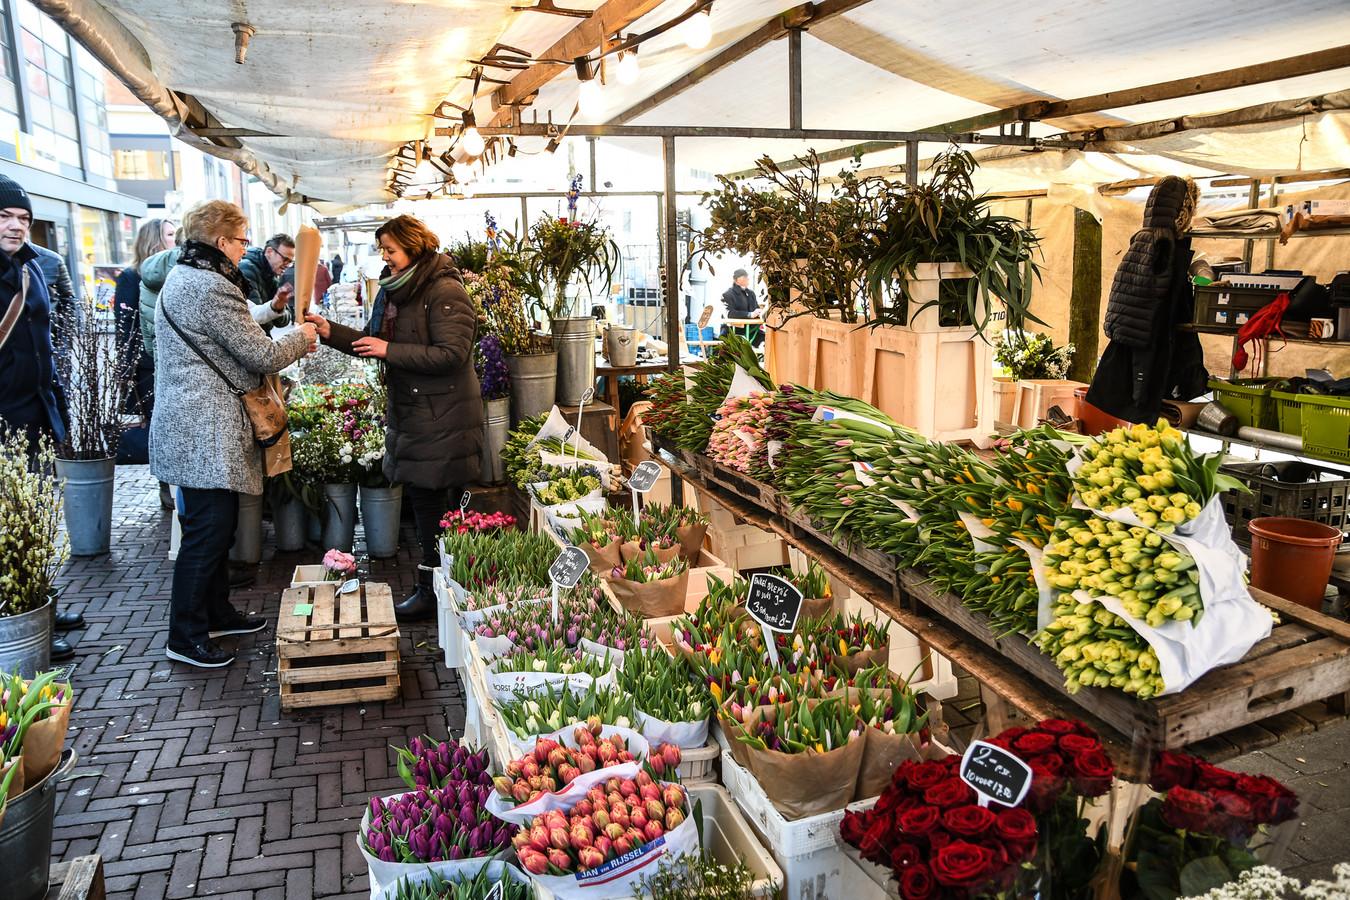 Bloemenkraam Fleurica op de markt in Dordrecht. Het familiebedrijf Fleurica staat al 75 jaar op de markt.